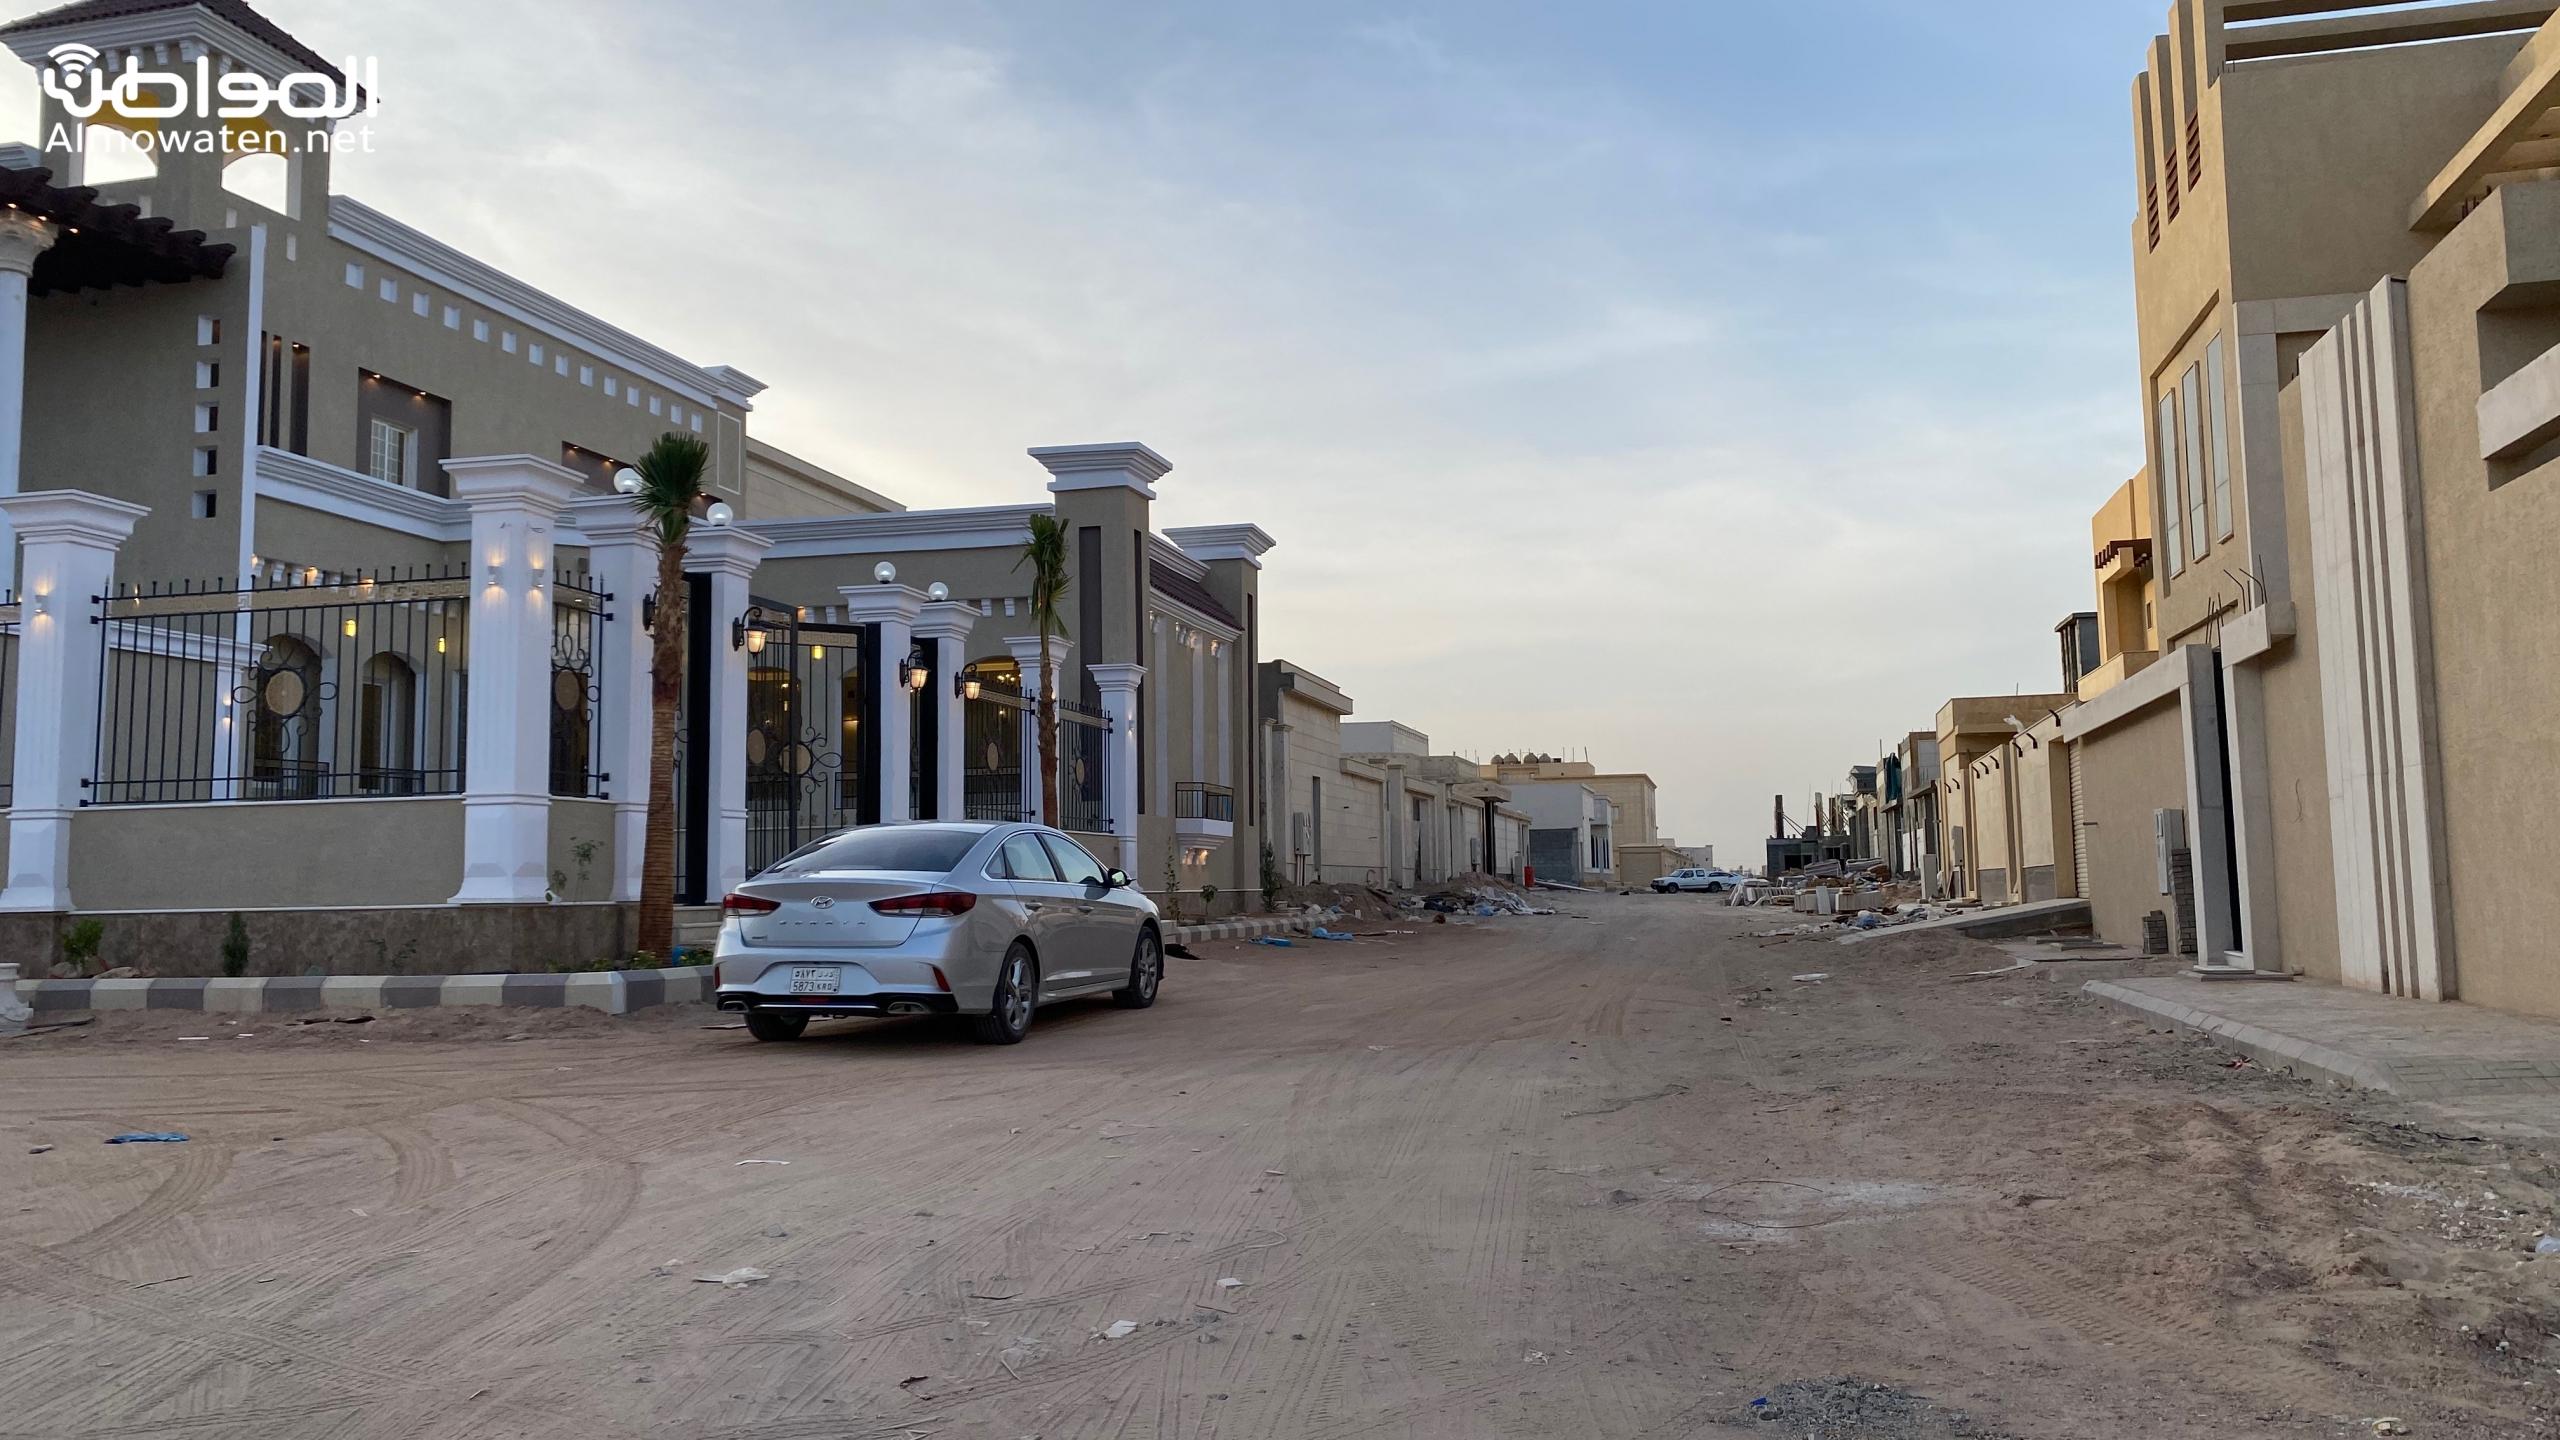 سكان حي المصيف بحفر الباطن يشكون نقص الخدمات